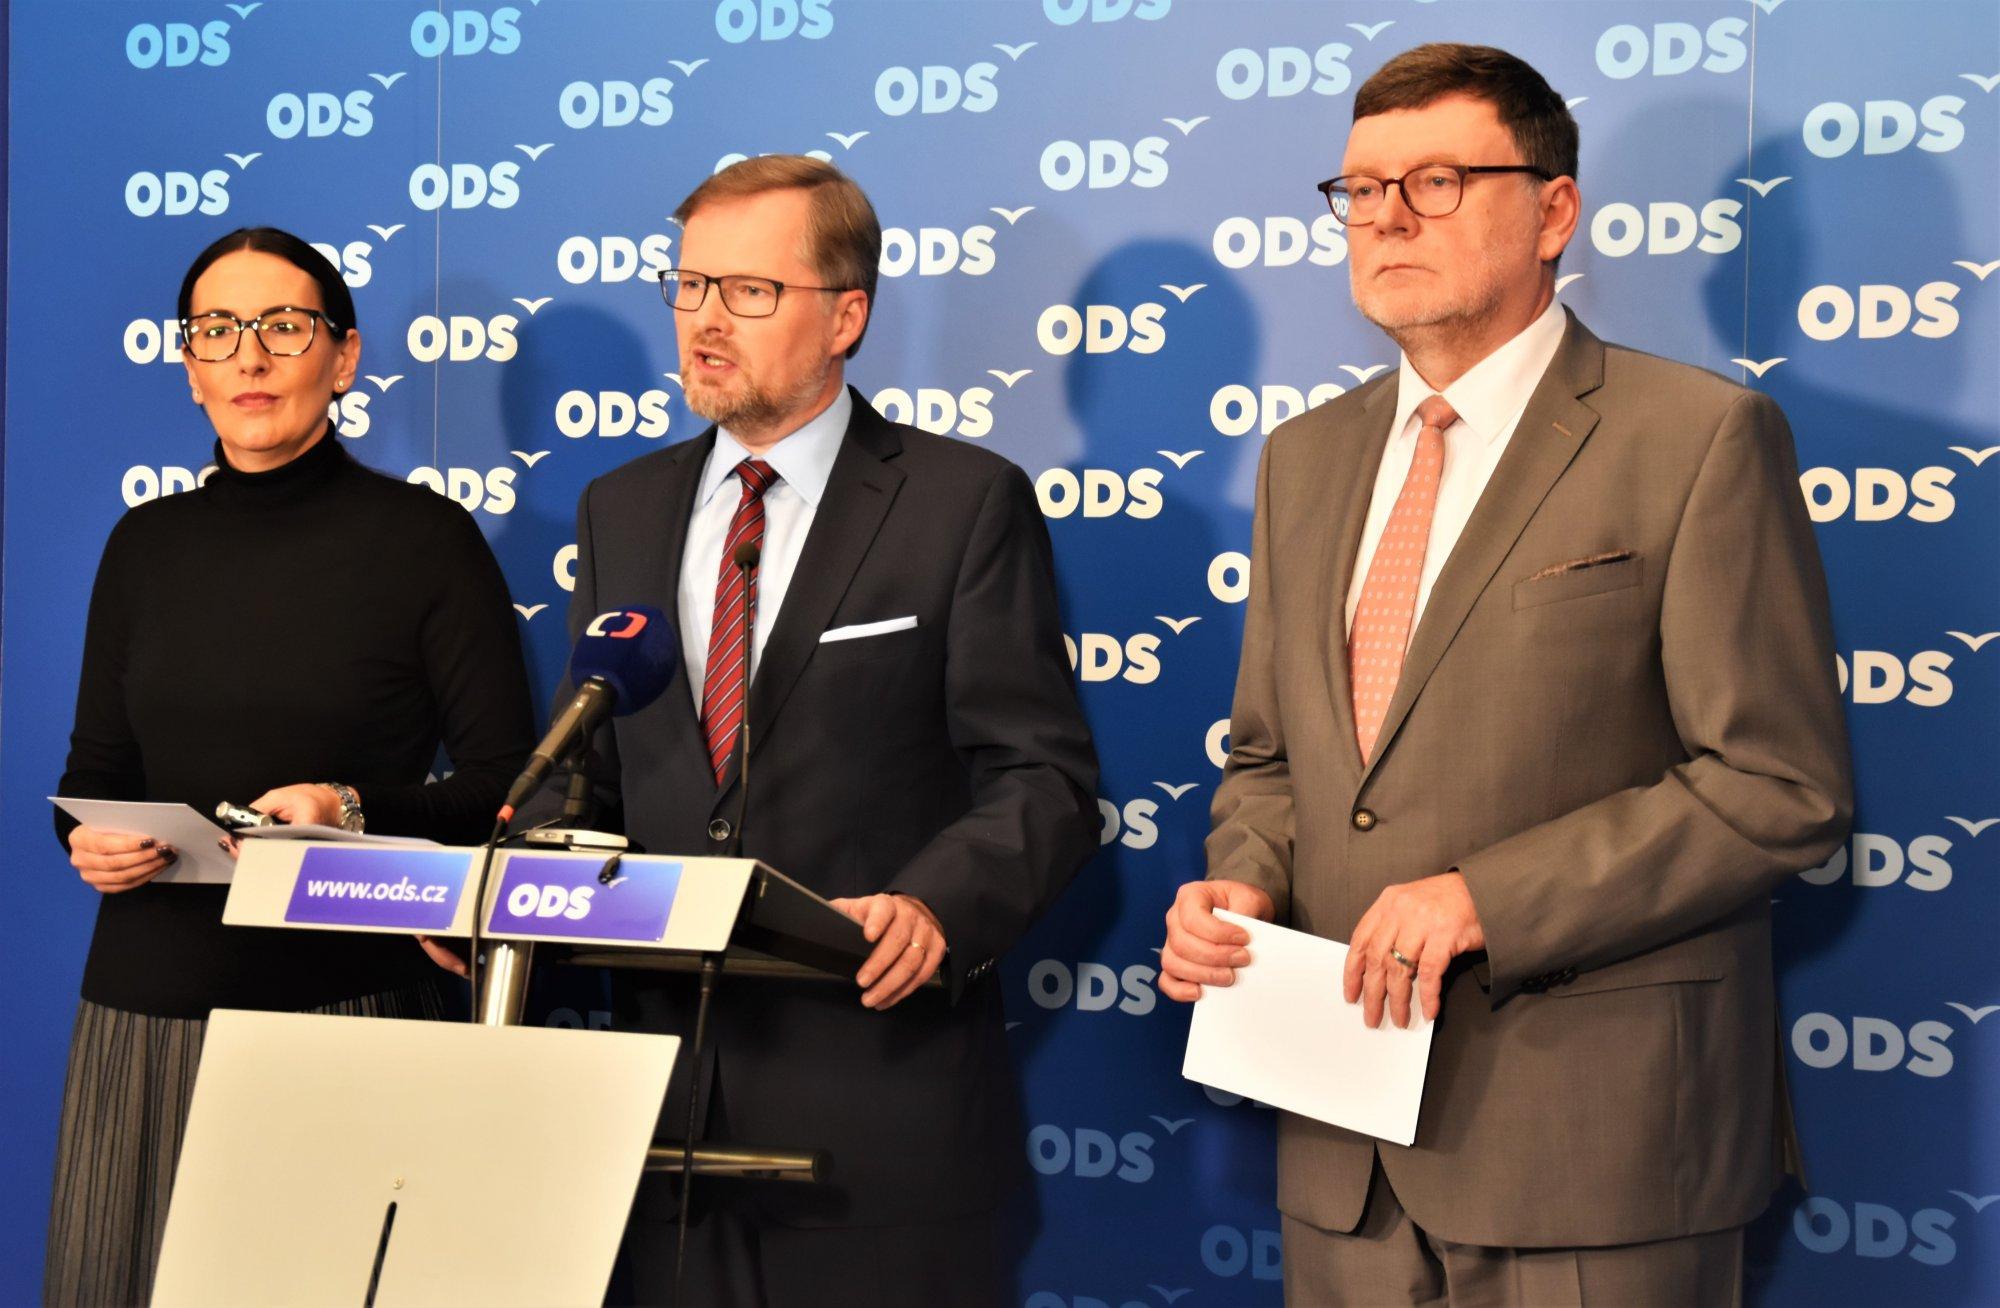 ODS: Aby na nás neklekli populisti s komunisty